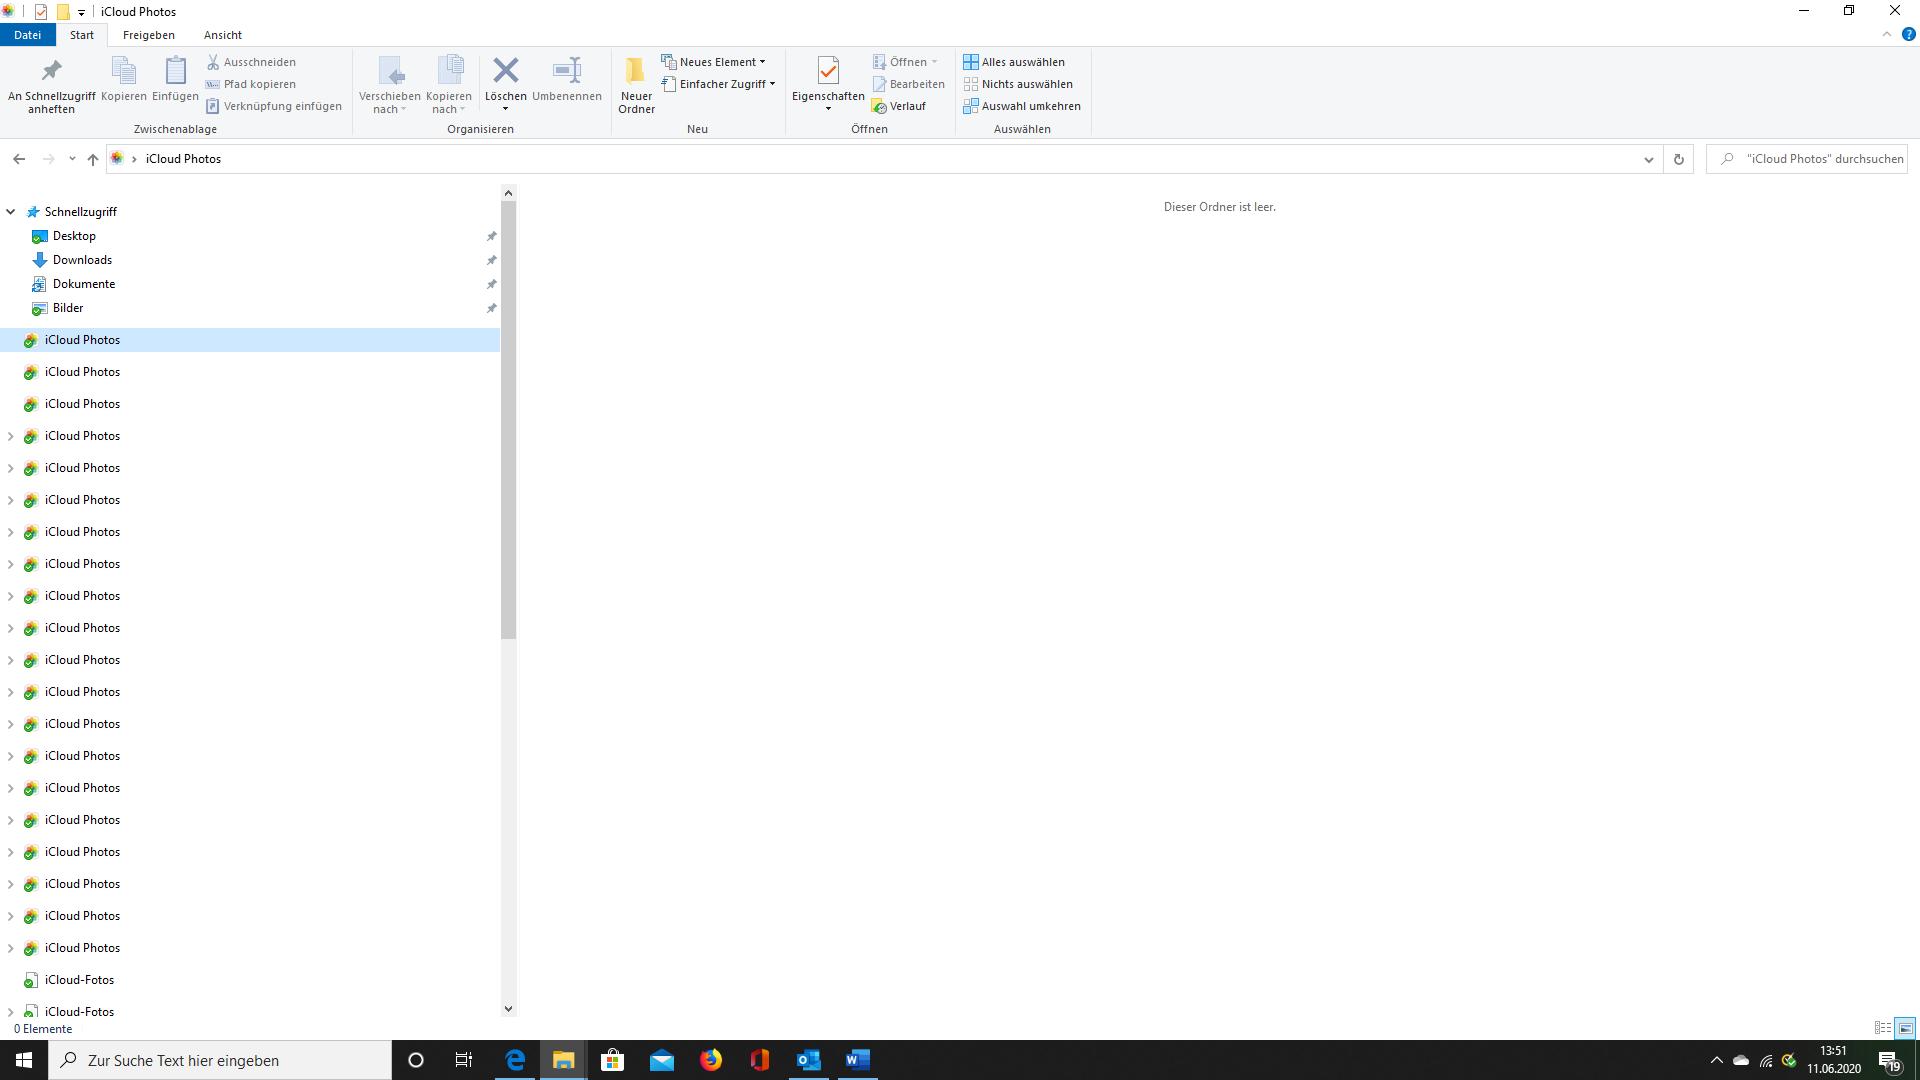 ICloud for Windows - Windows 10, ICloudFotos